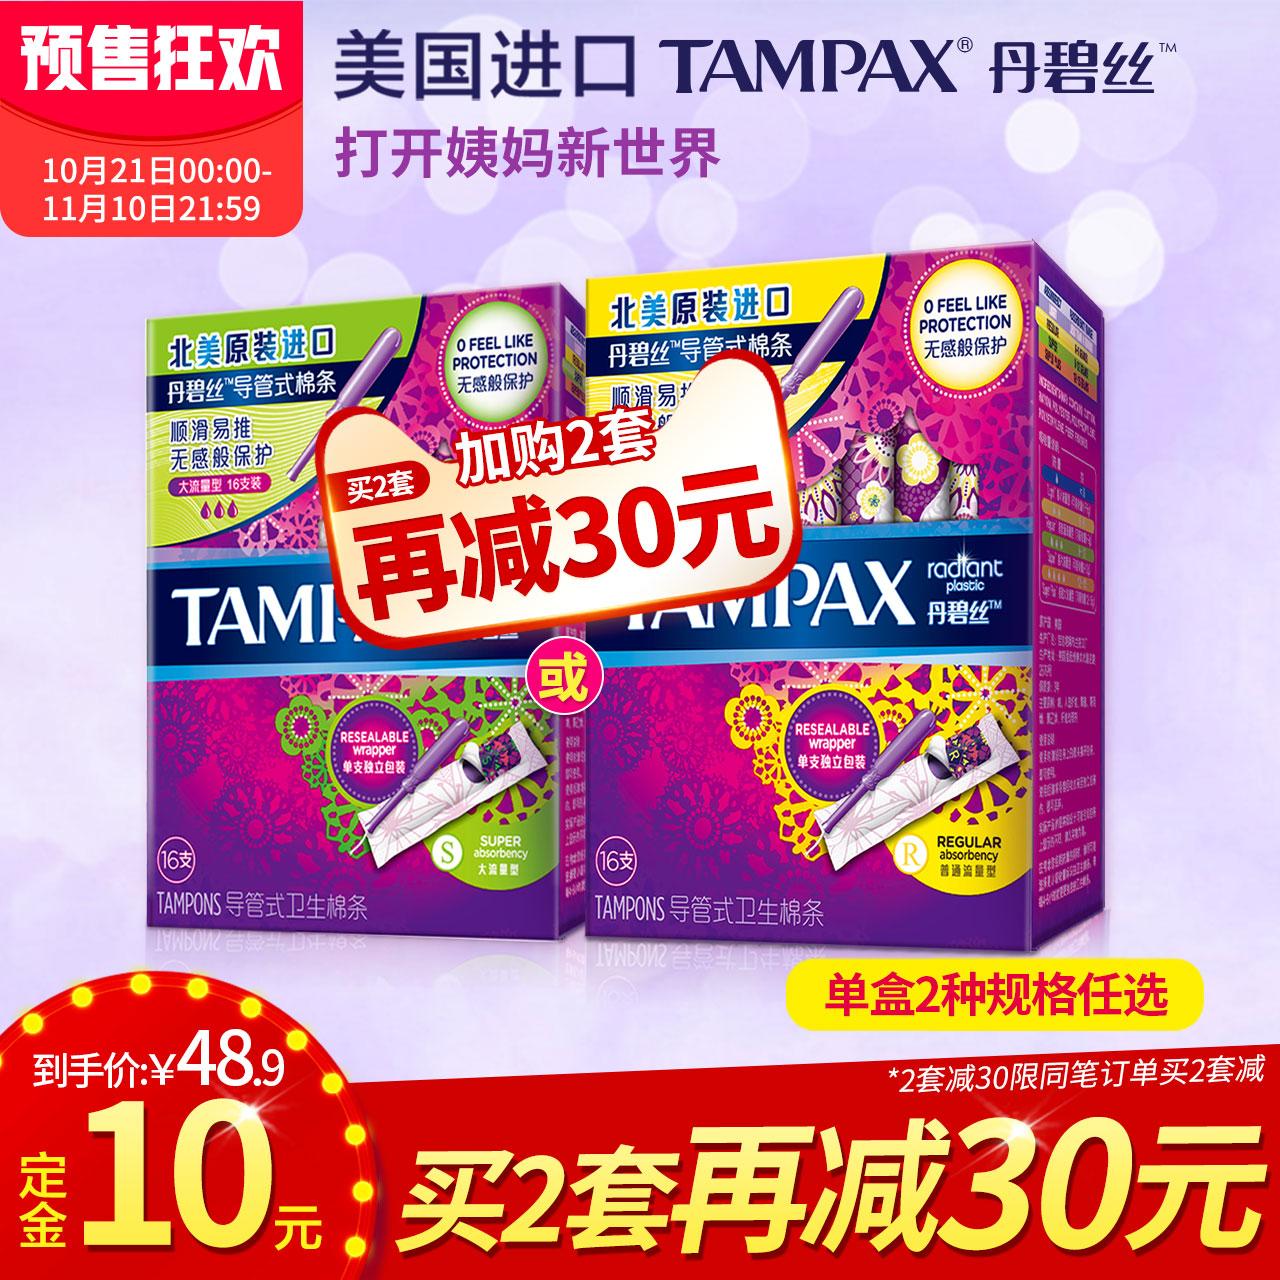 [10月21日抢]丹碧丝tampax卫生巾热销3件不包邮